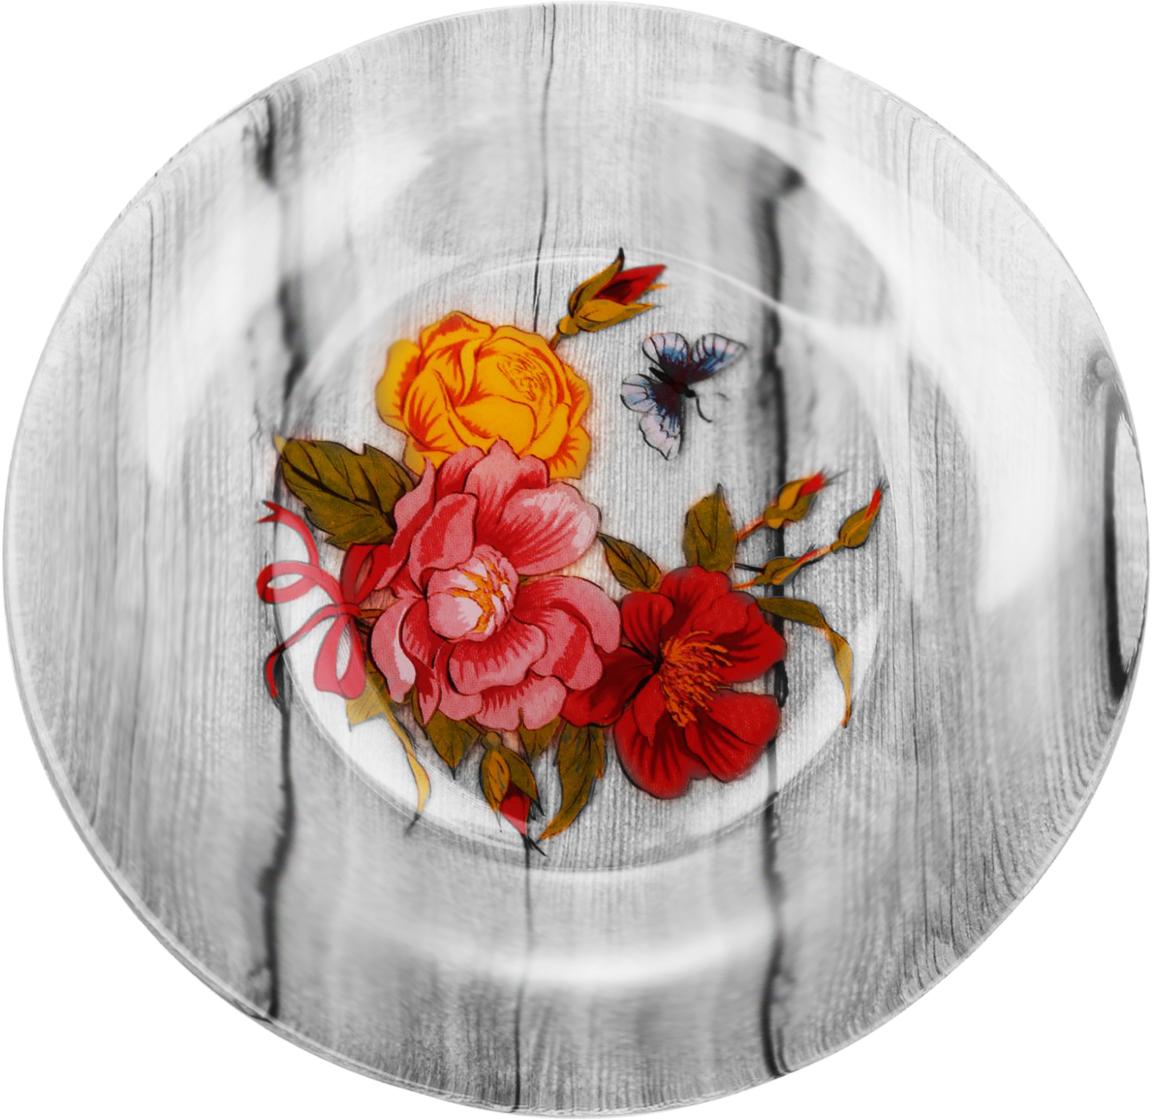 Набор тарелок Sima-land Розы, диаметр 20 см, 6 шт2293073Красивые тарелки с рисунком дополнят праздничный стол, ведь прозрачное стекло выглядит элегантно и стильно.Предметы можно использовать в микроволновой печи и посудомоечной машине.При бережном обращении изделия будут радовать вас безукоризненным внешним видом долгие годы.